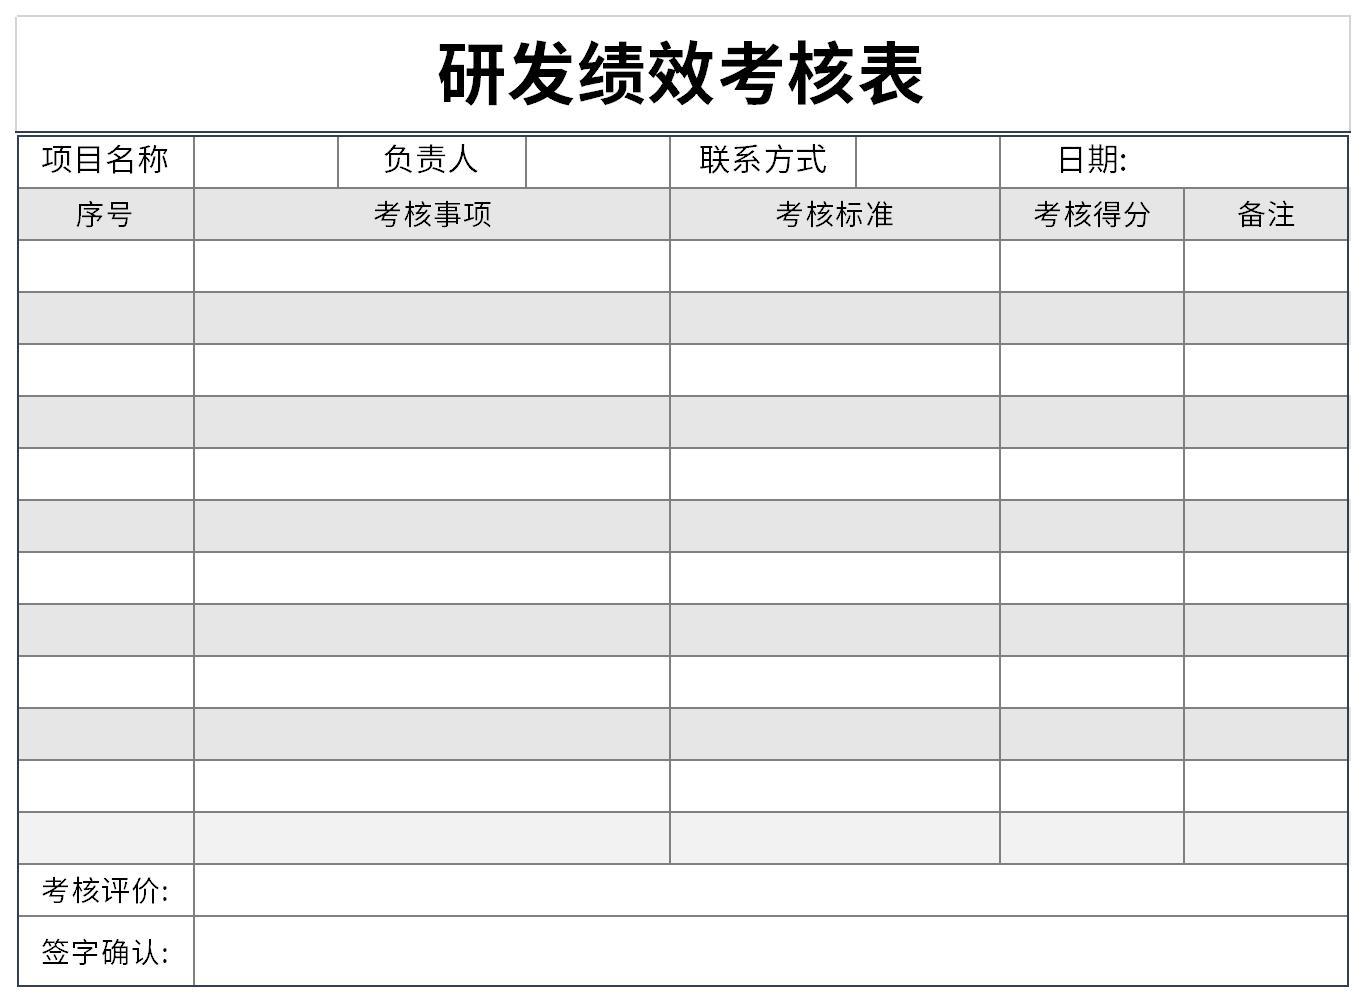 研发绩效考核表截图